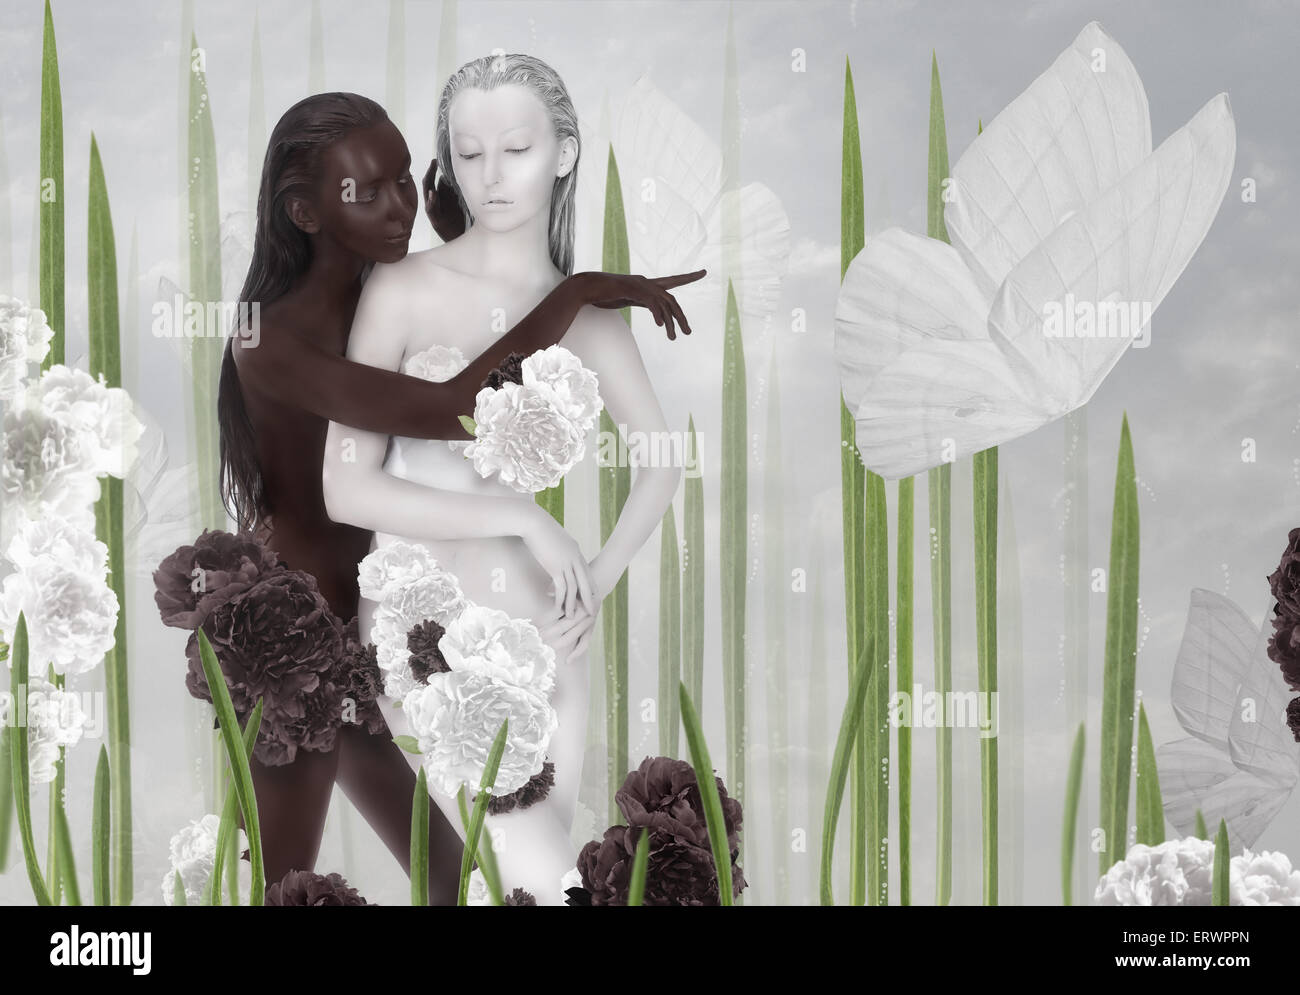 La imaginación. Dos mujeres de color en blanco y negro Imagen De Stock